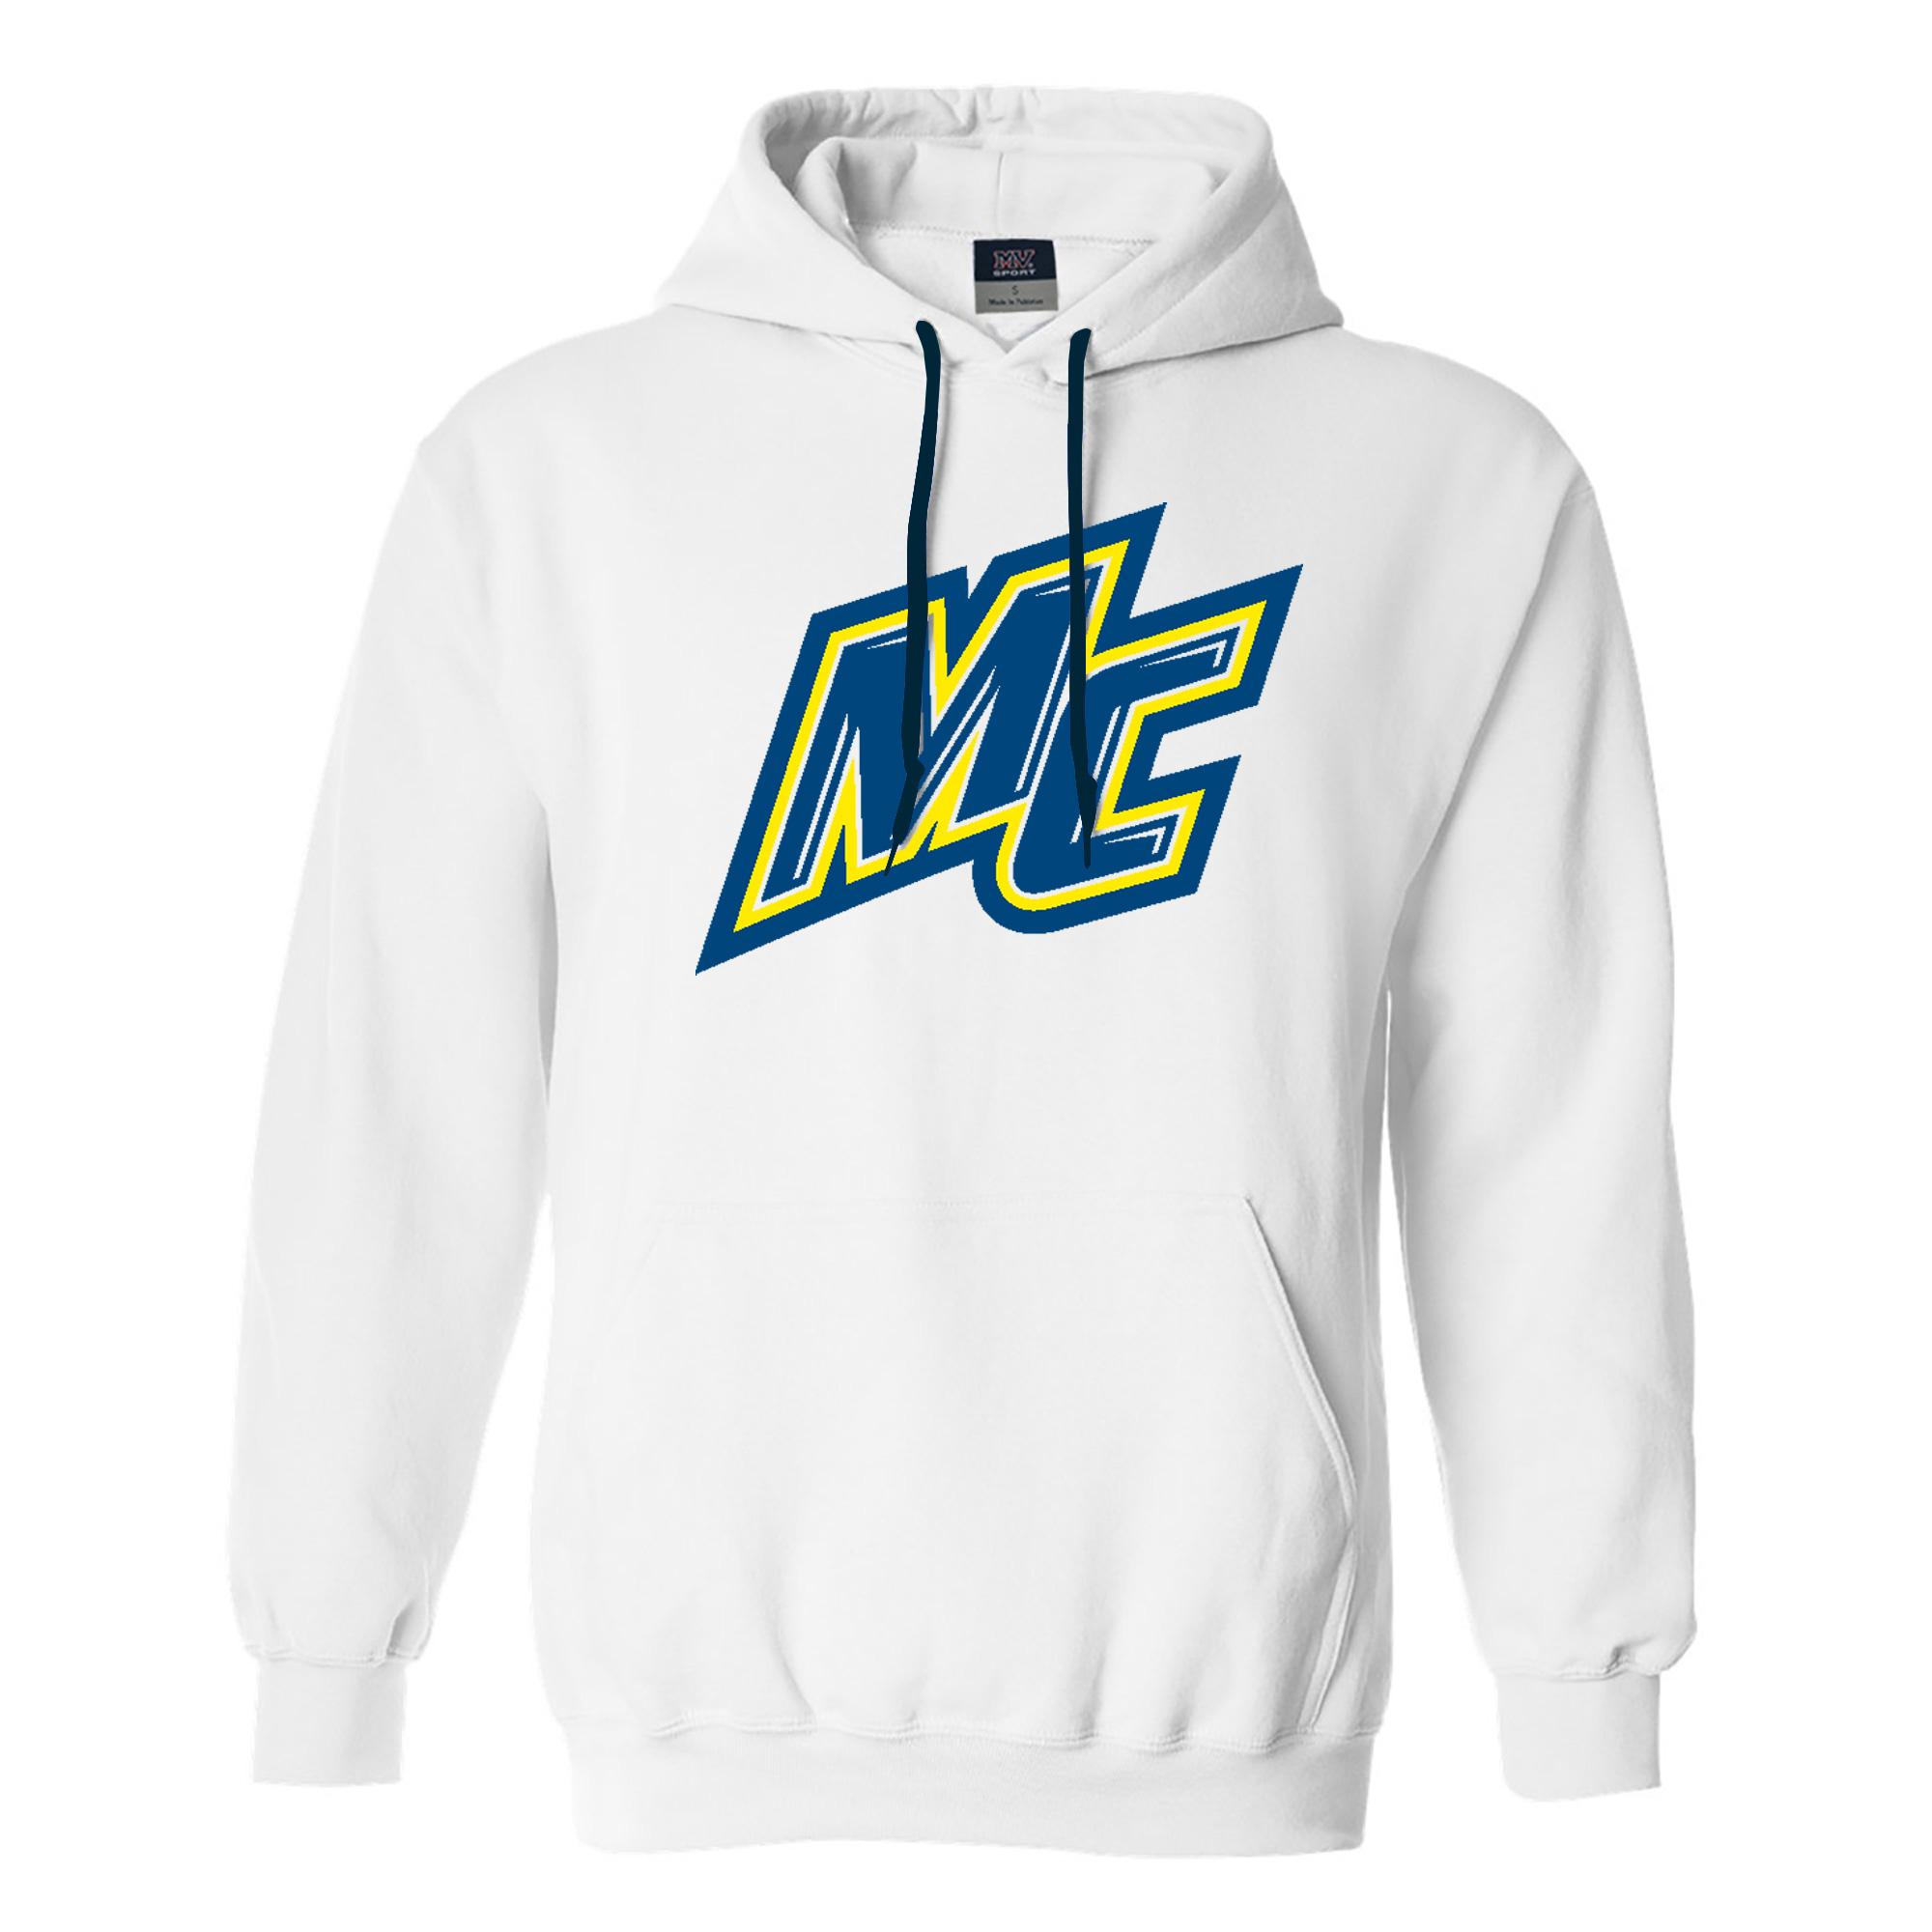 White MC Comfort Fleece Hood